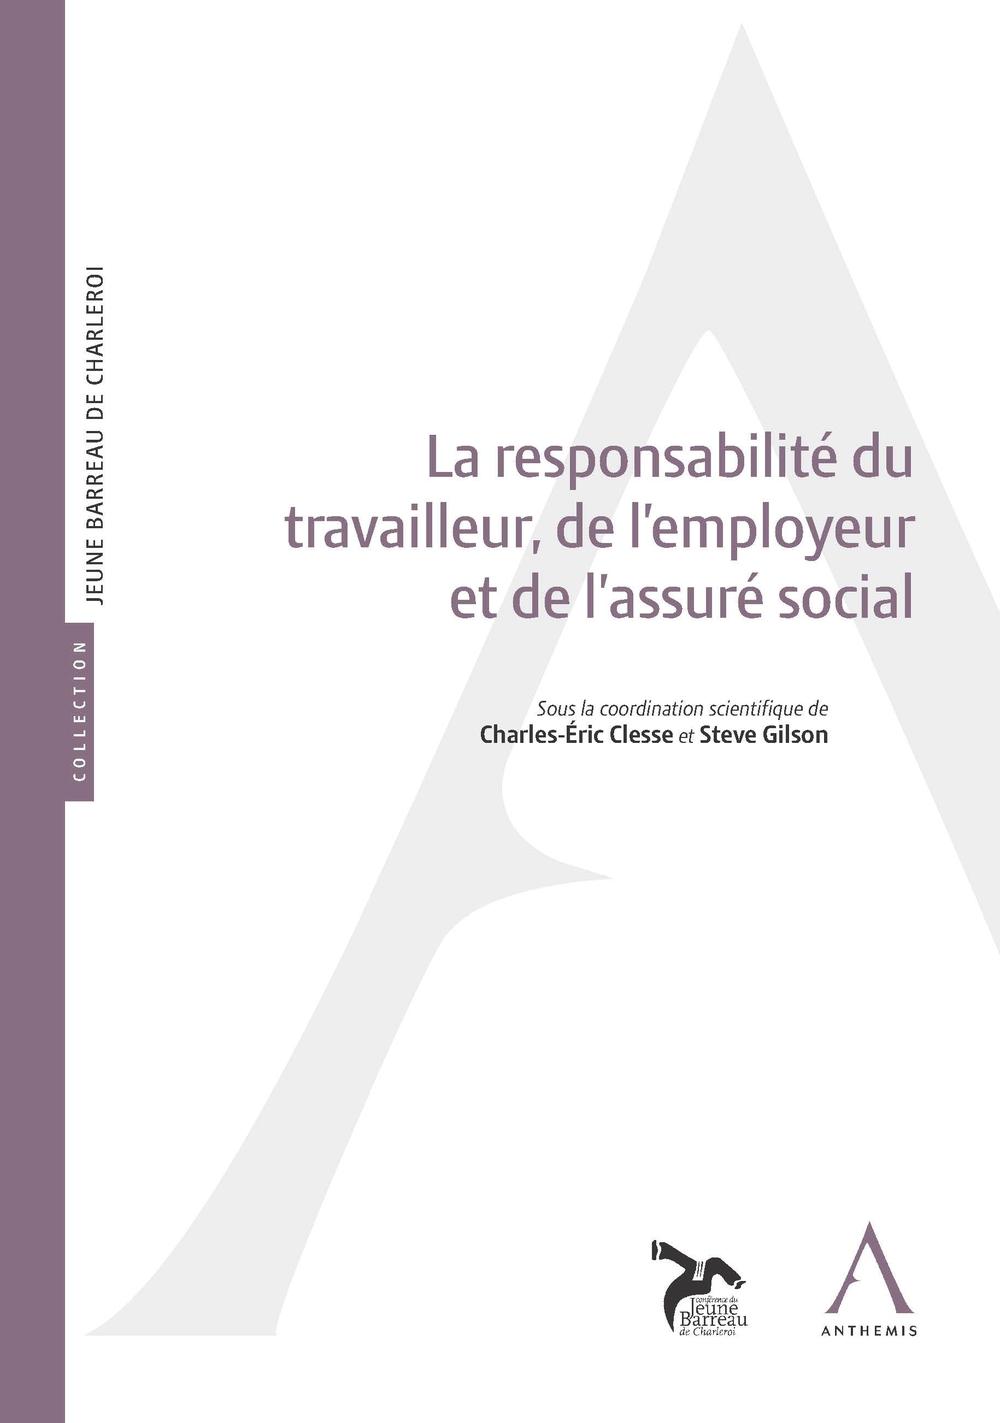 La responsabilité du travailleur, de l'employeur et de l'assuré social